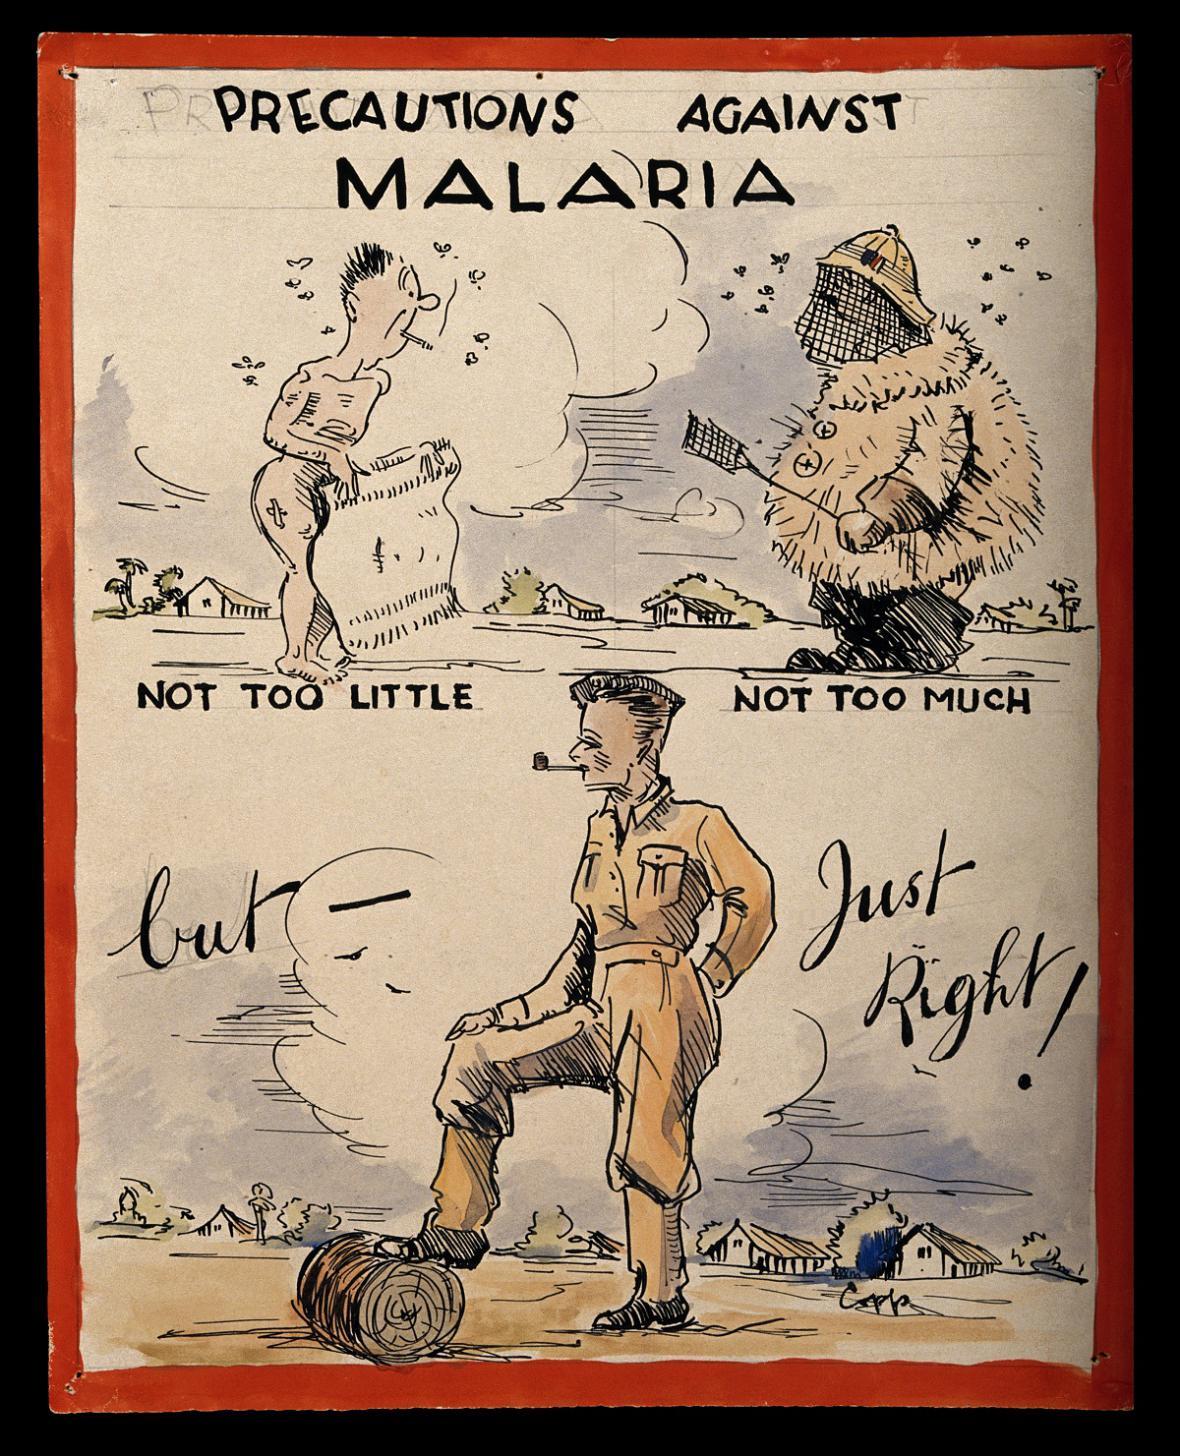 Rada koloniálním vojákům, jak se bránit malárii